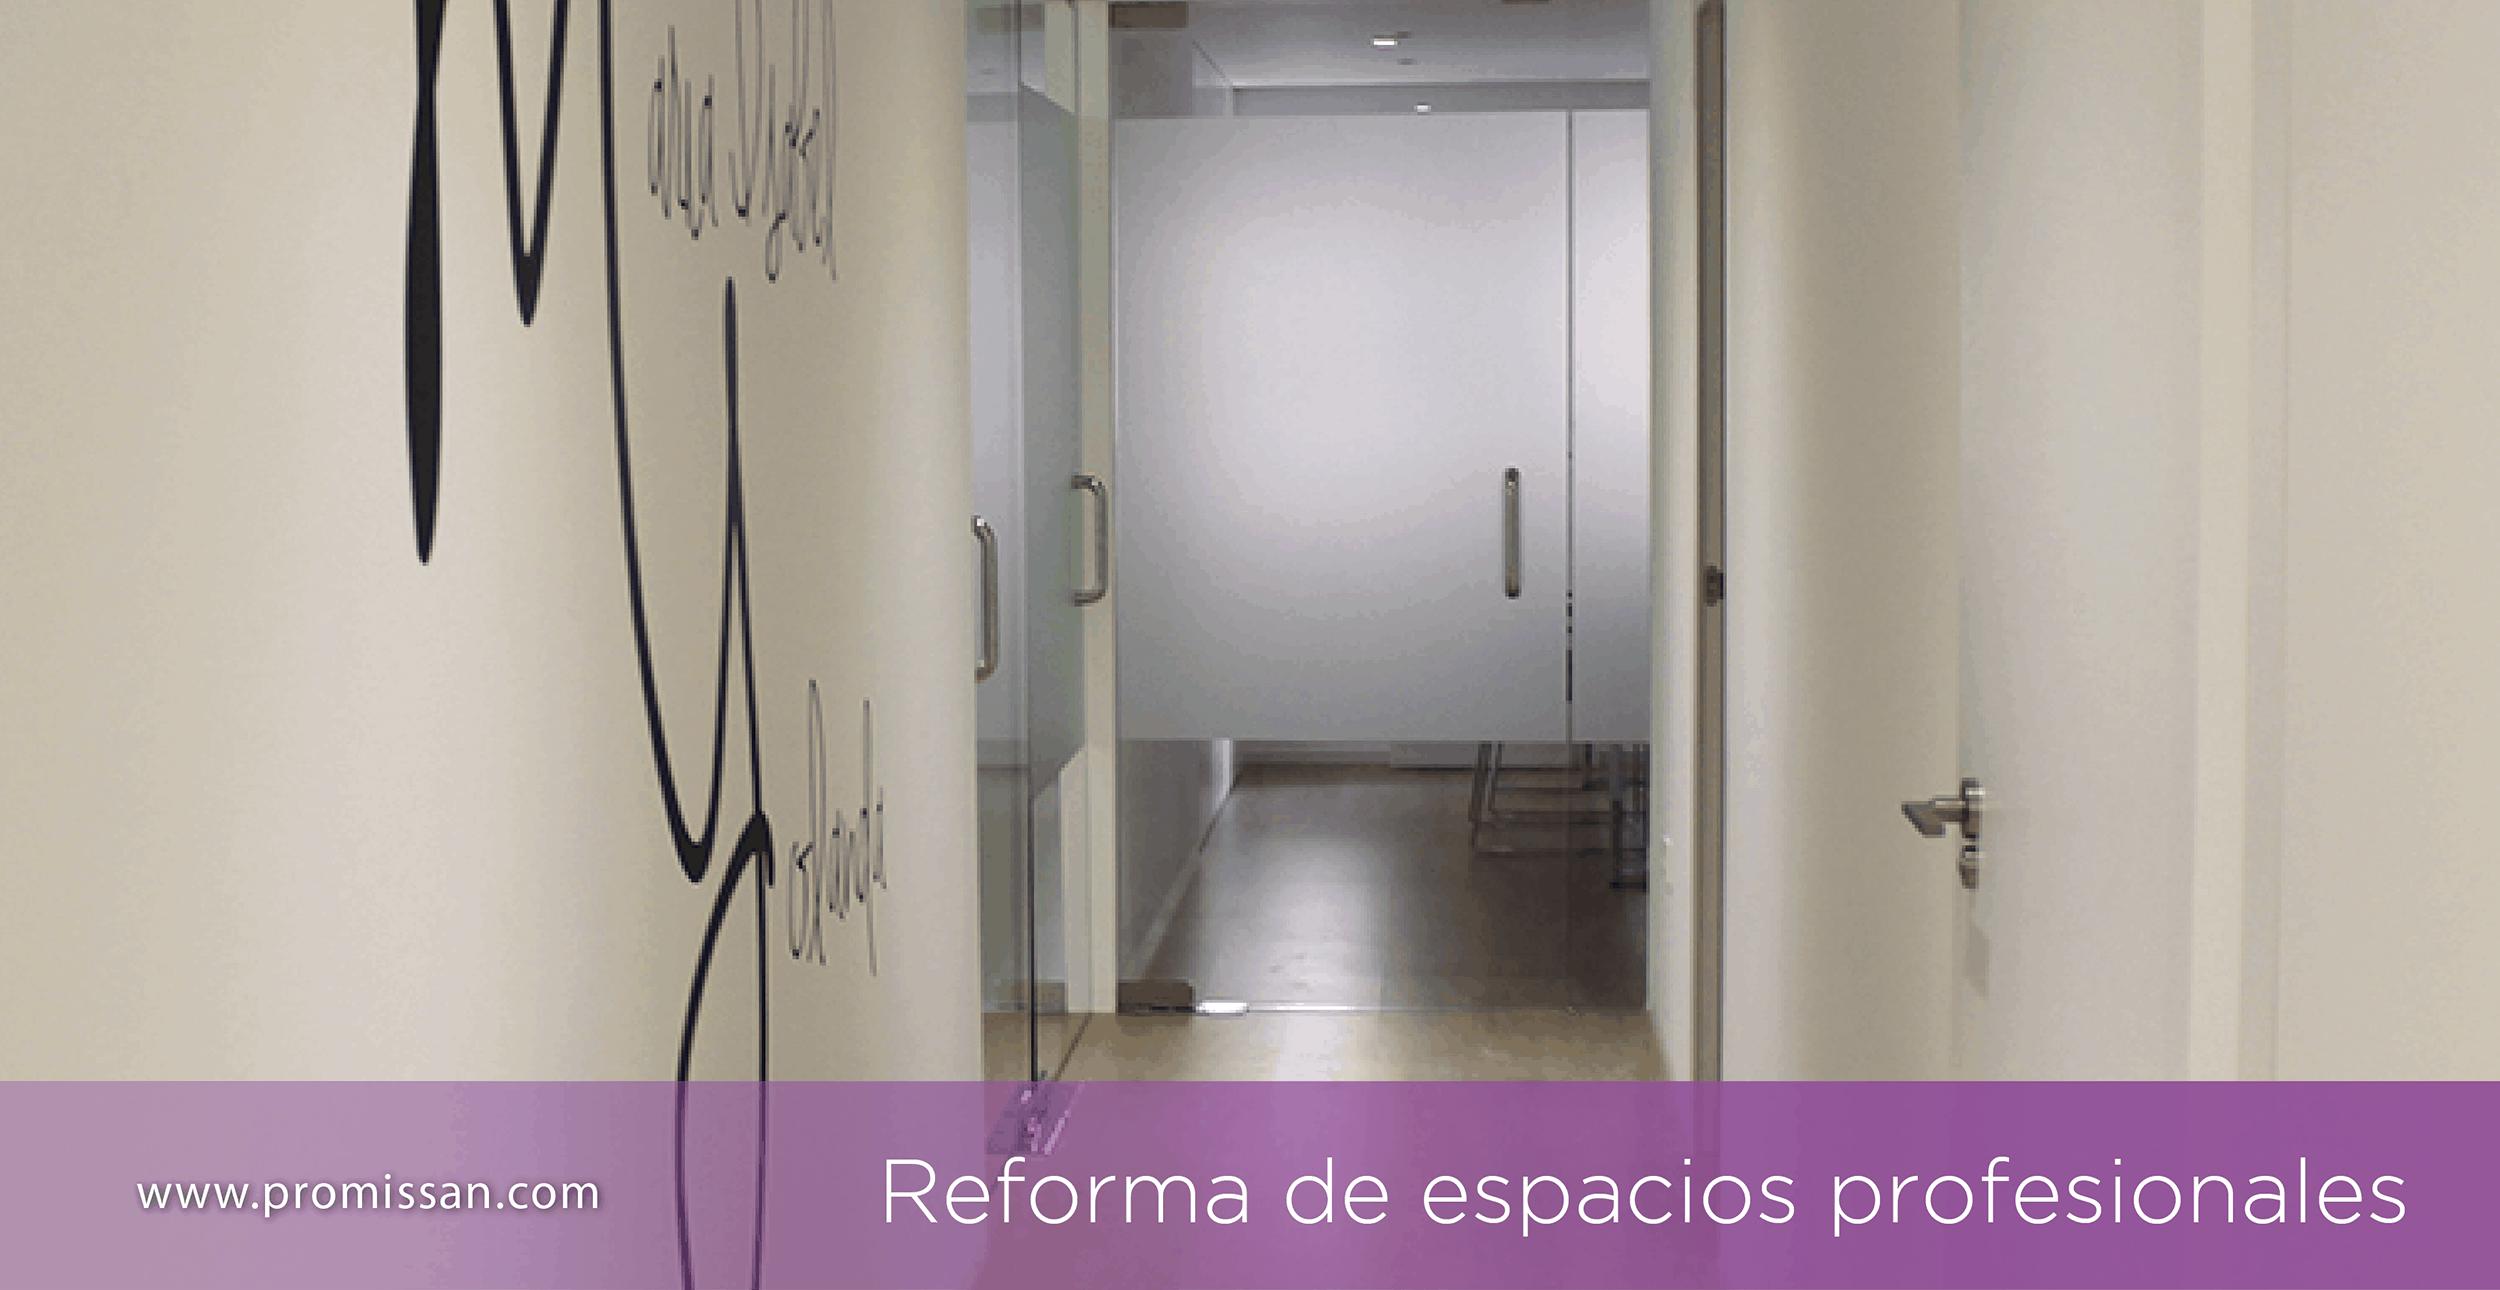 Reforma de espacios profesionales